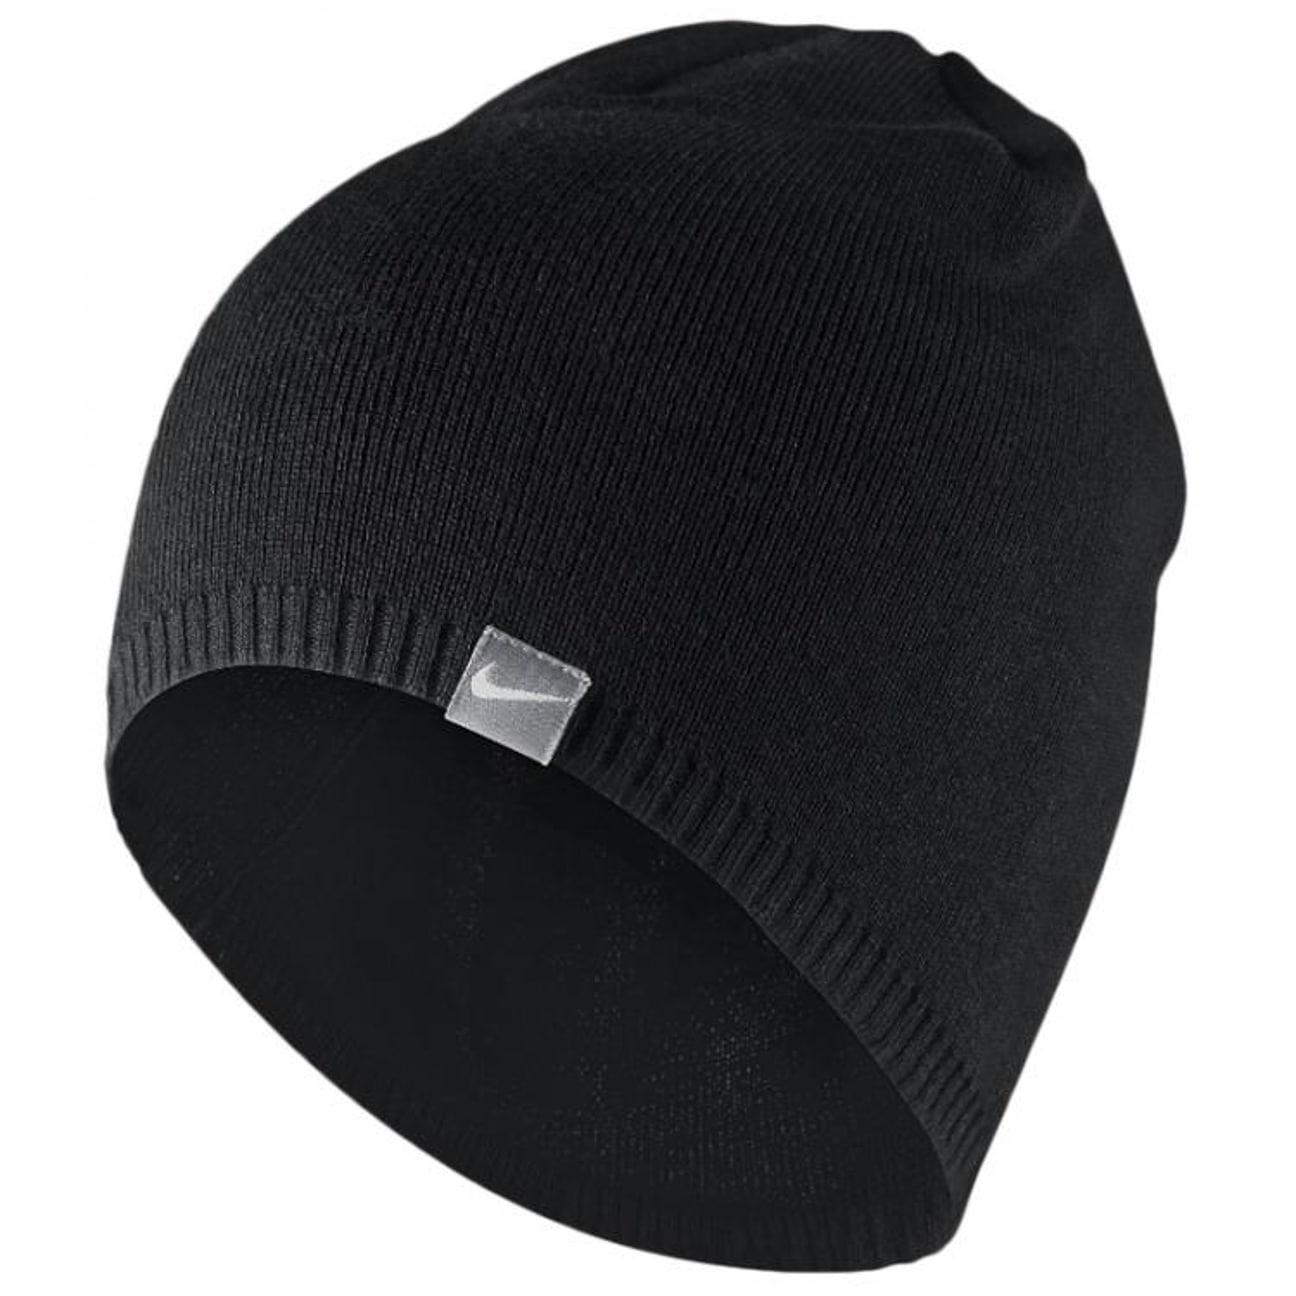 Sombrero Pescador by Nike - Gorros - sombreroshop.es 40c100ff5b2